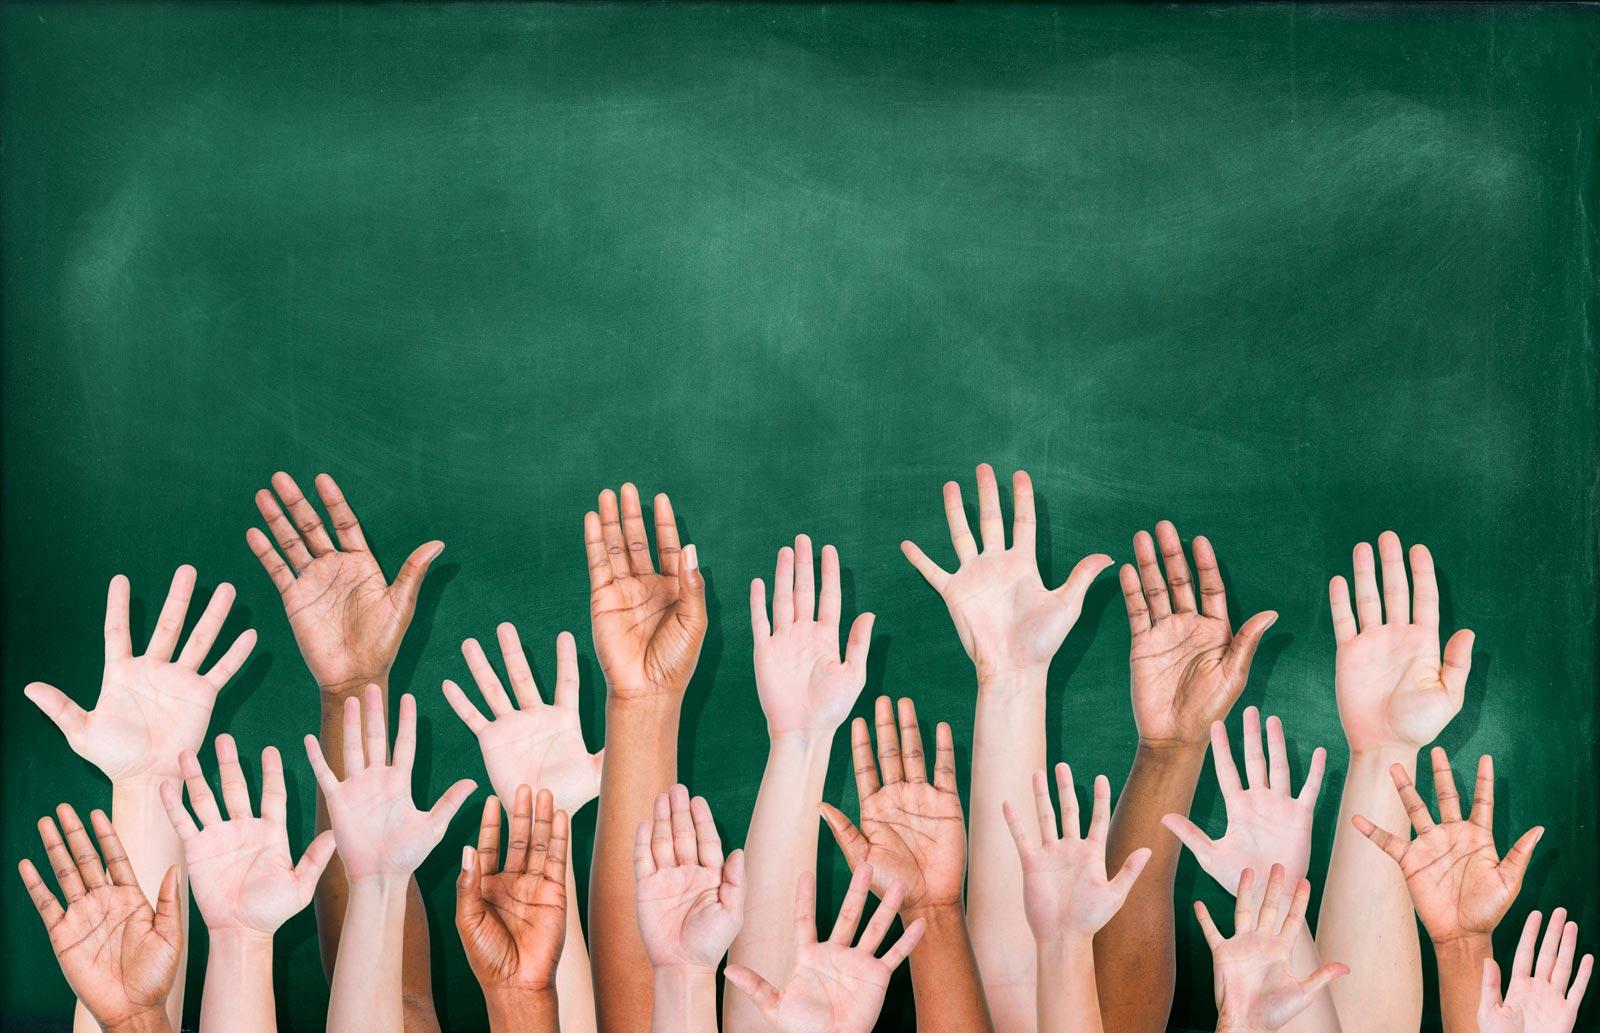 Поднятые руки вверх картинки